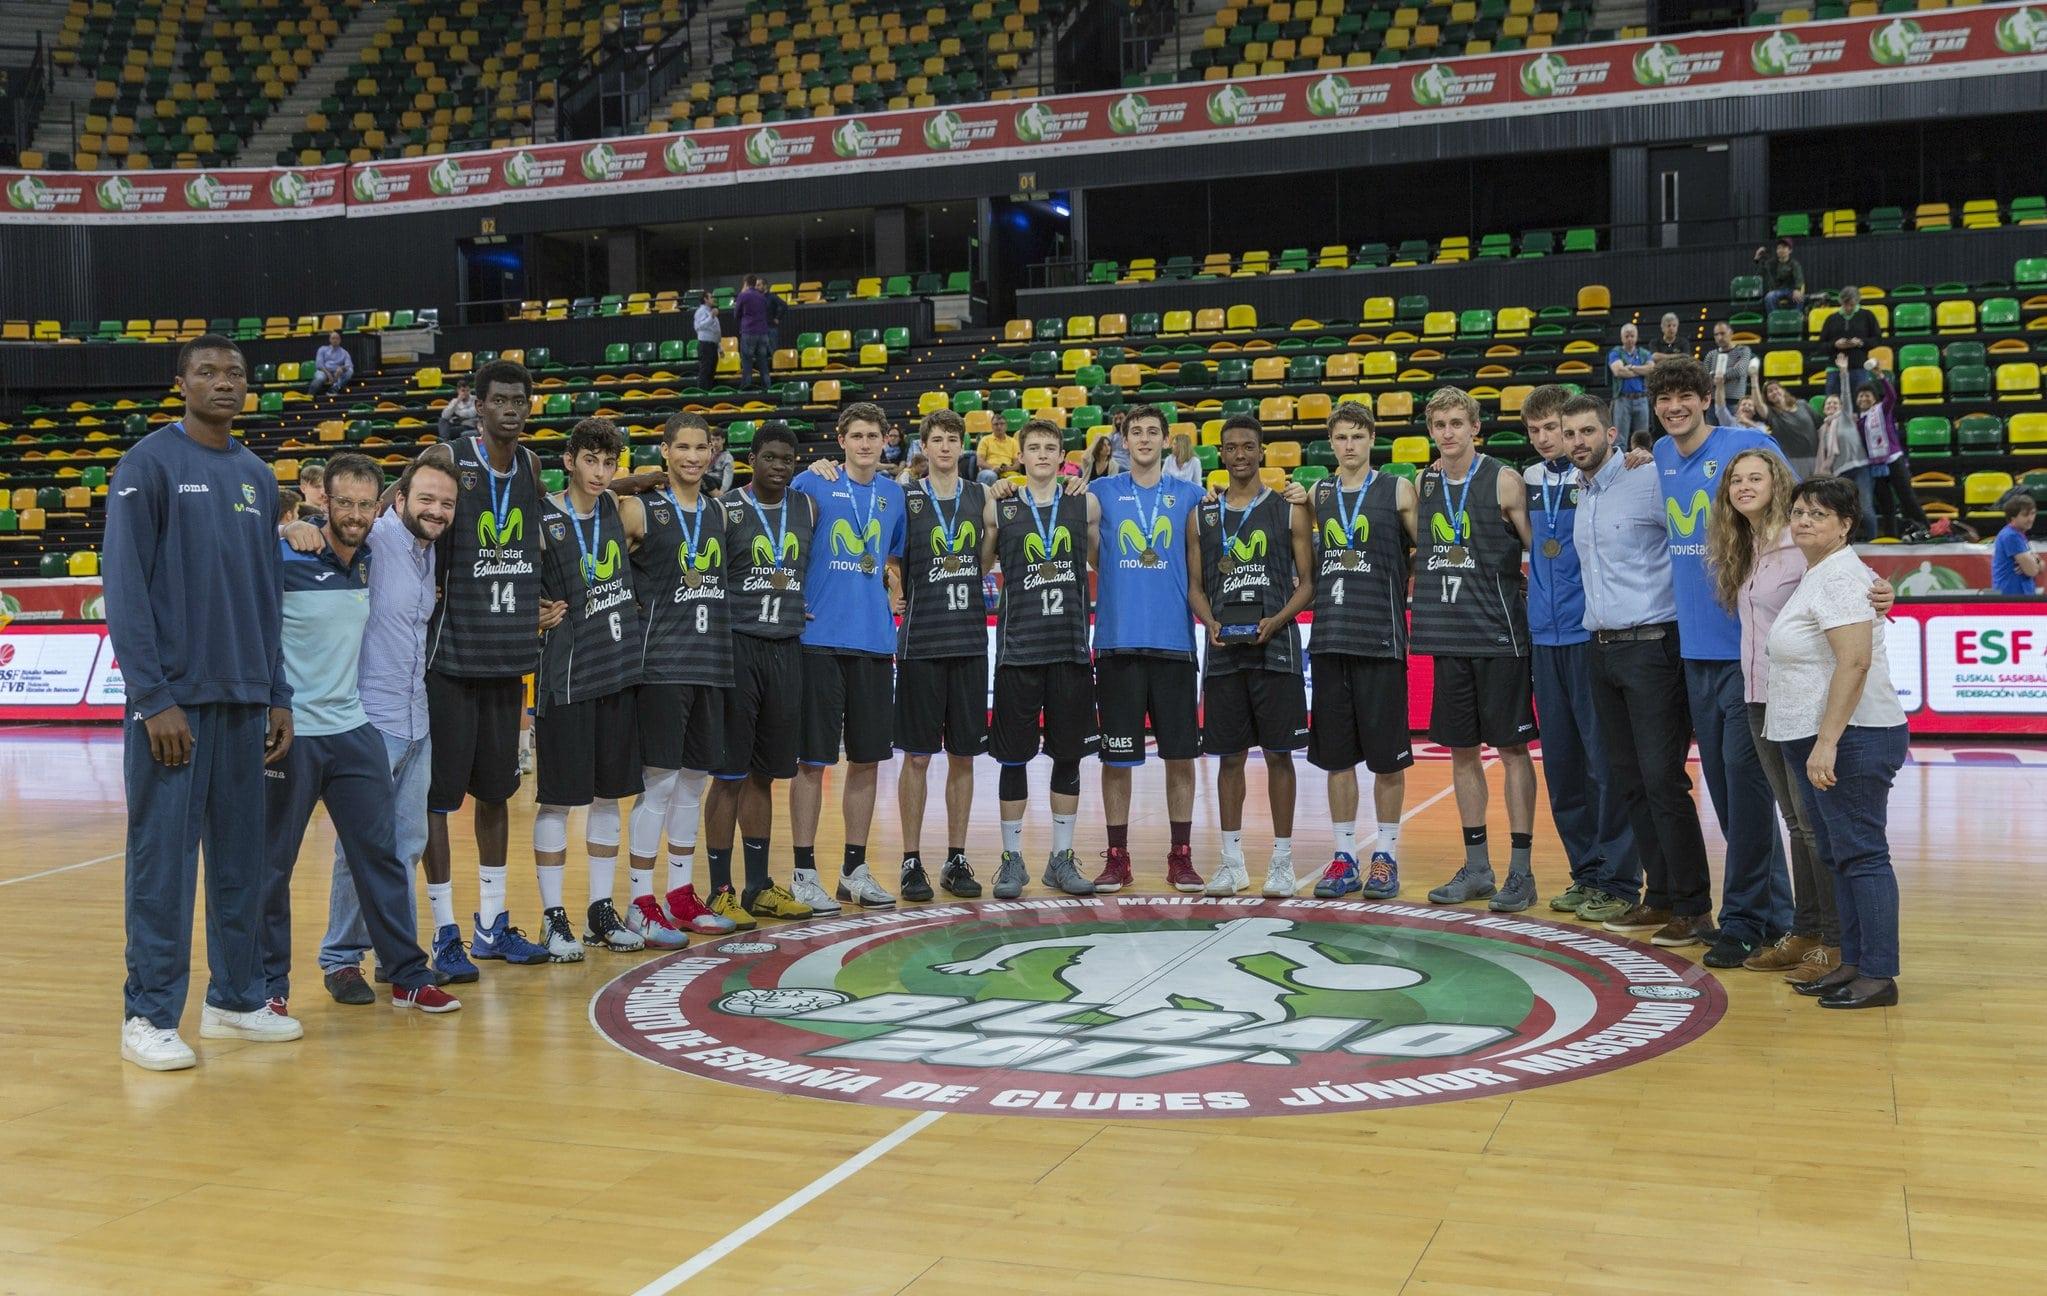 Brillante quinto puesto en el Campeonato de España Junior Masculino tras superar al Granca (60-72)